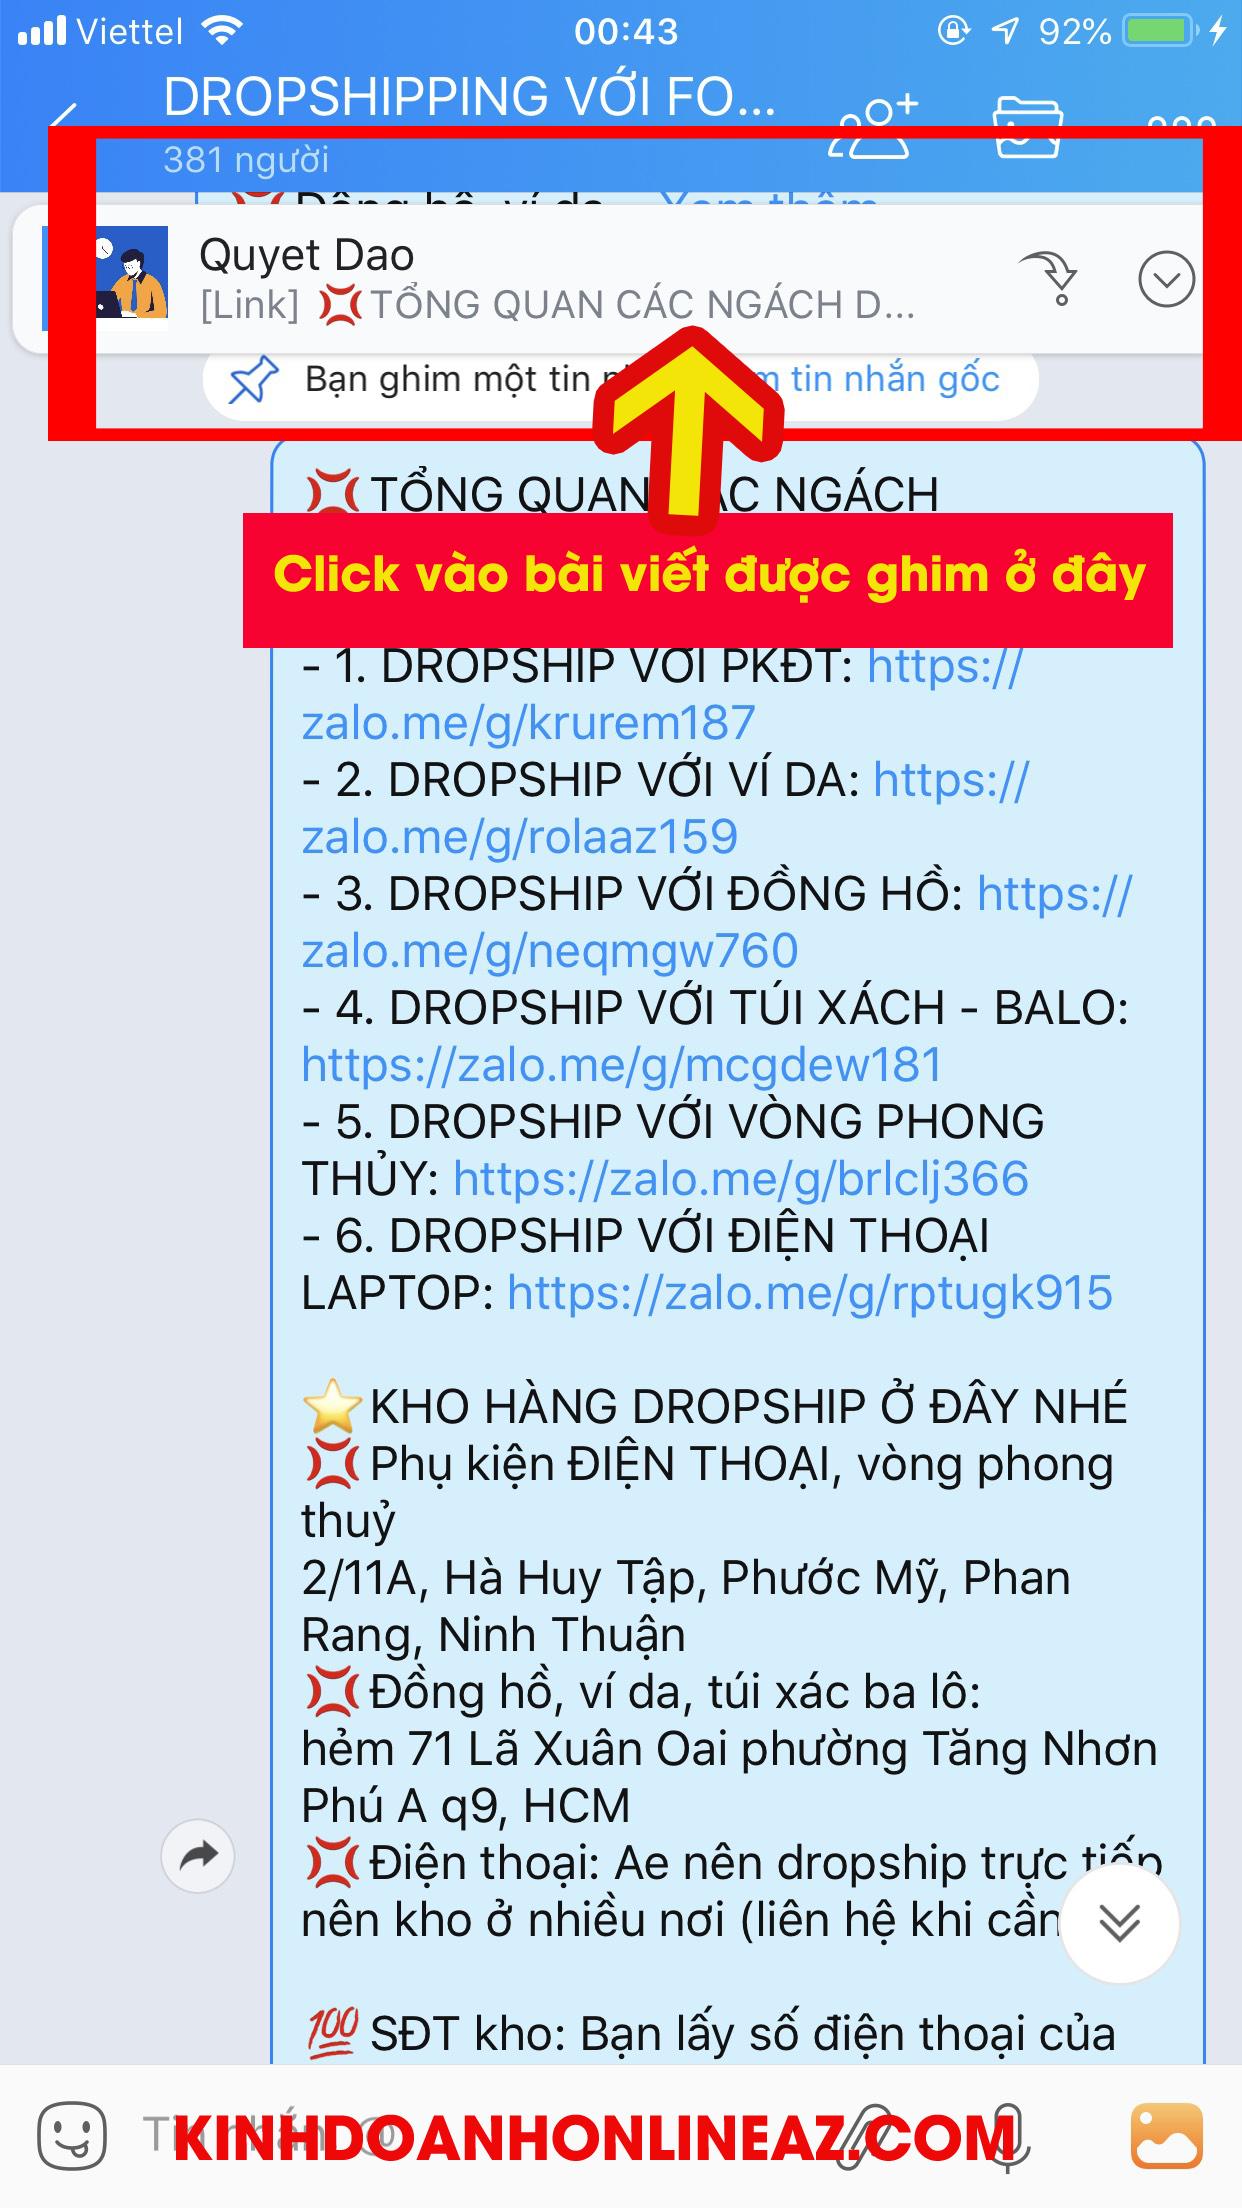 Hướng dẫn Dropshipping với kinhdoanhonlineaz.com